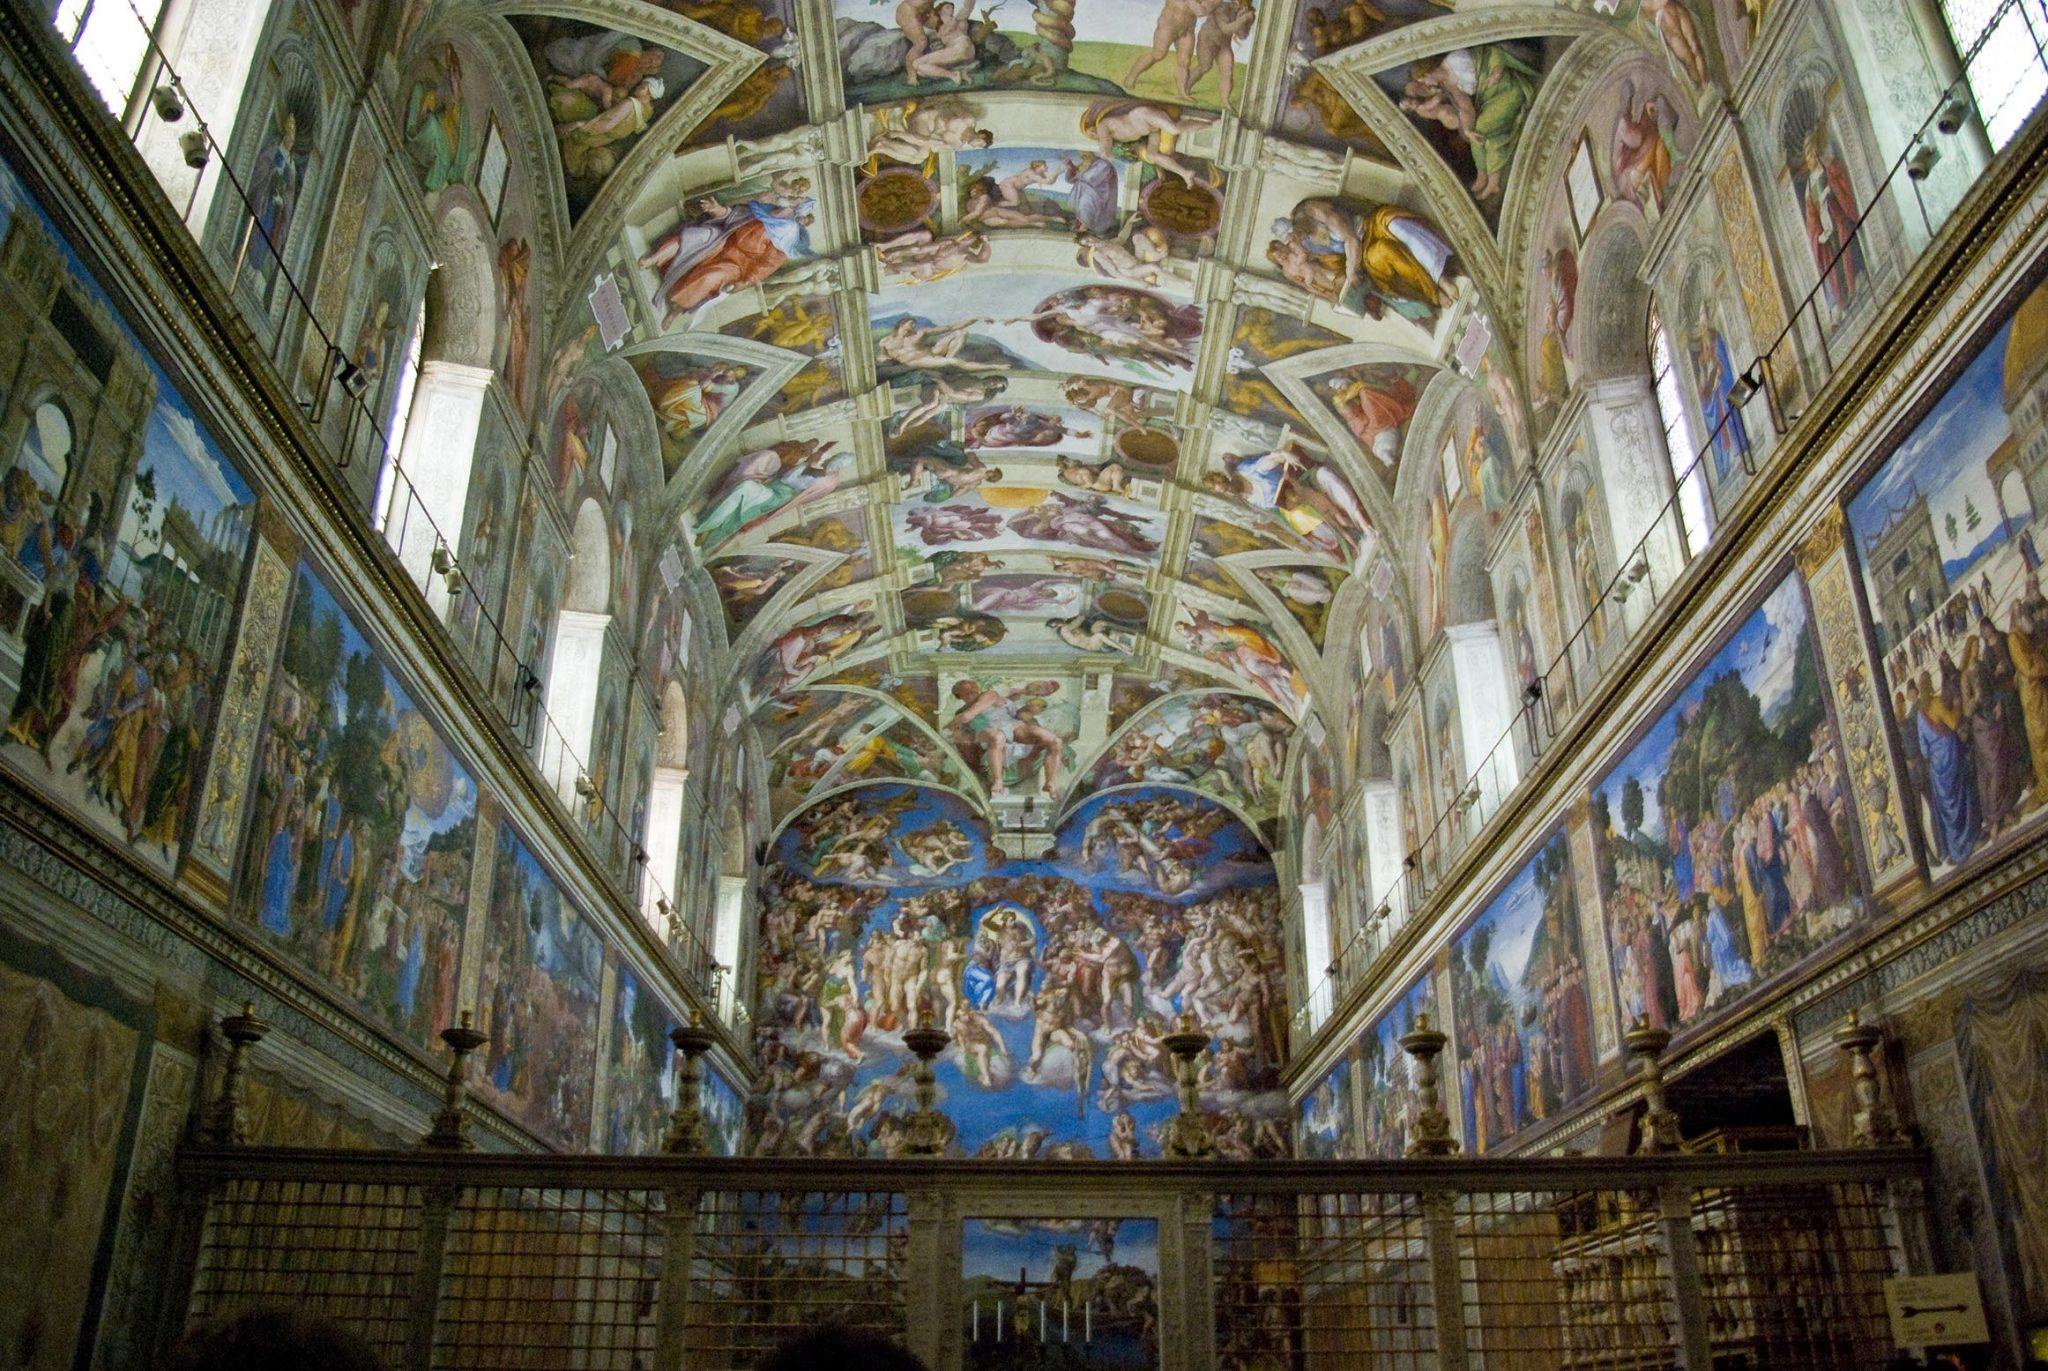 Vaticano: planeje sua visita à Capela Sistina